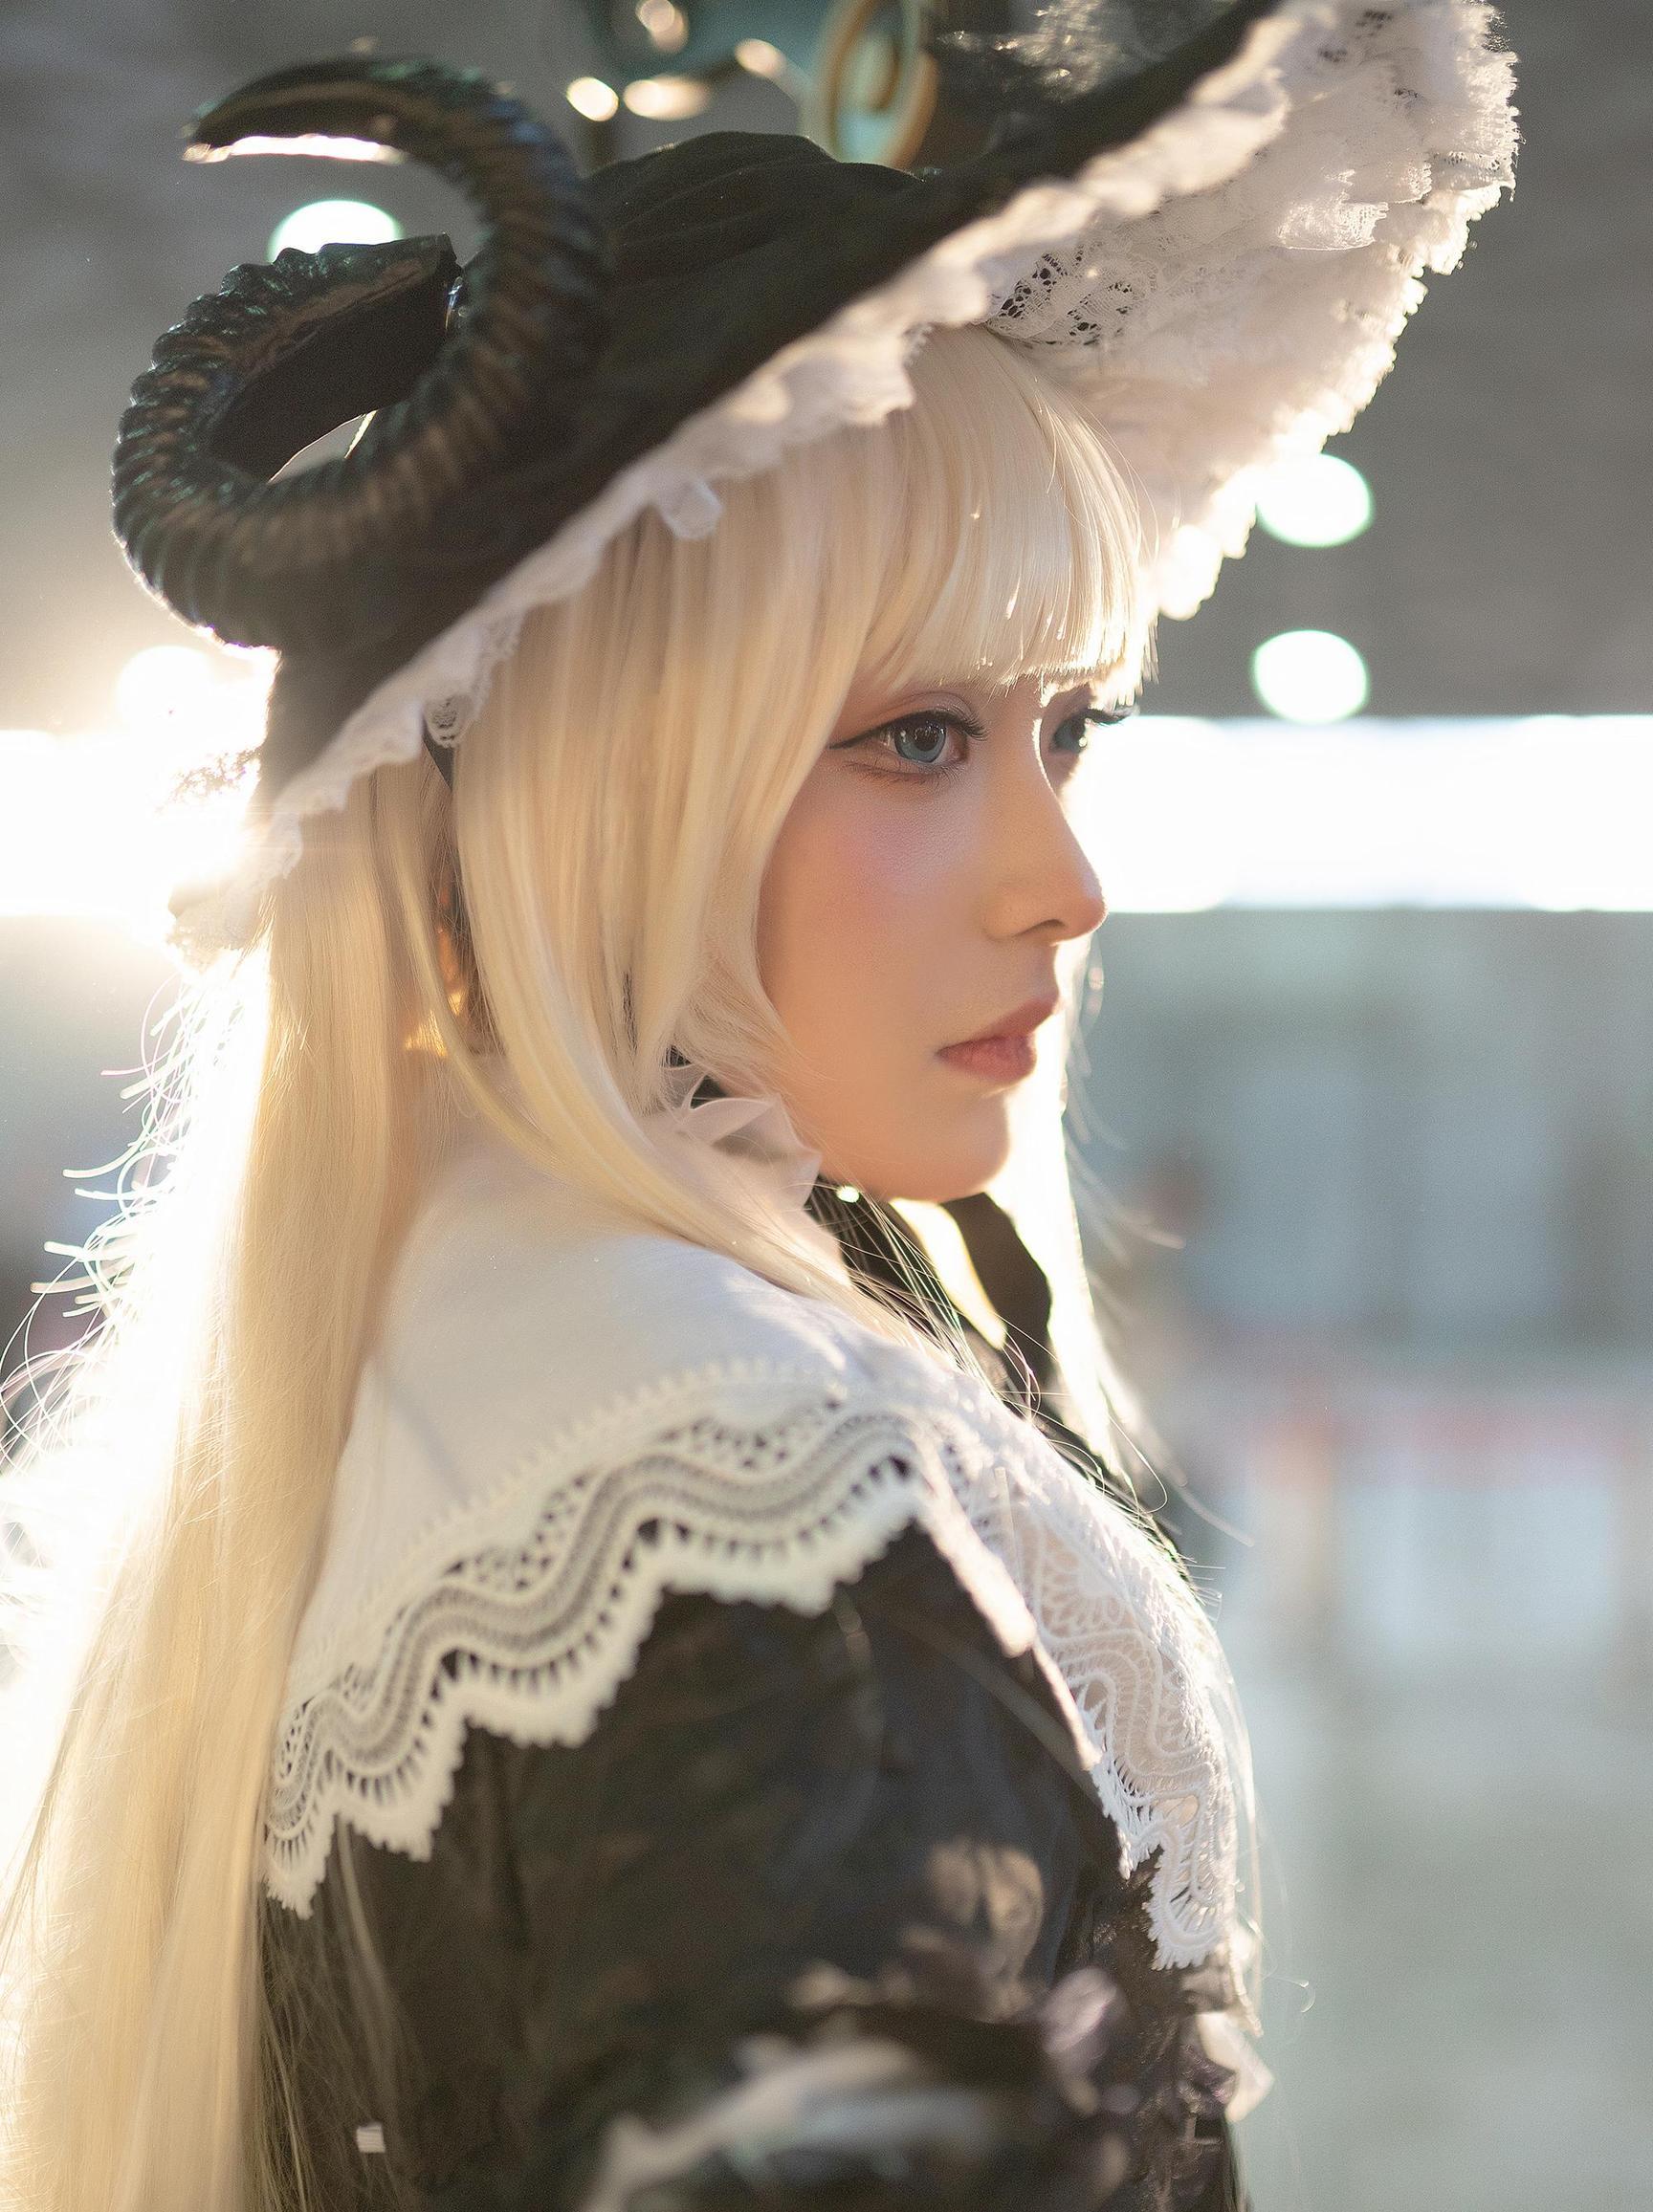 《明日方舟》漫展cosplay【CN:狄斯旎】-第3张